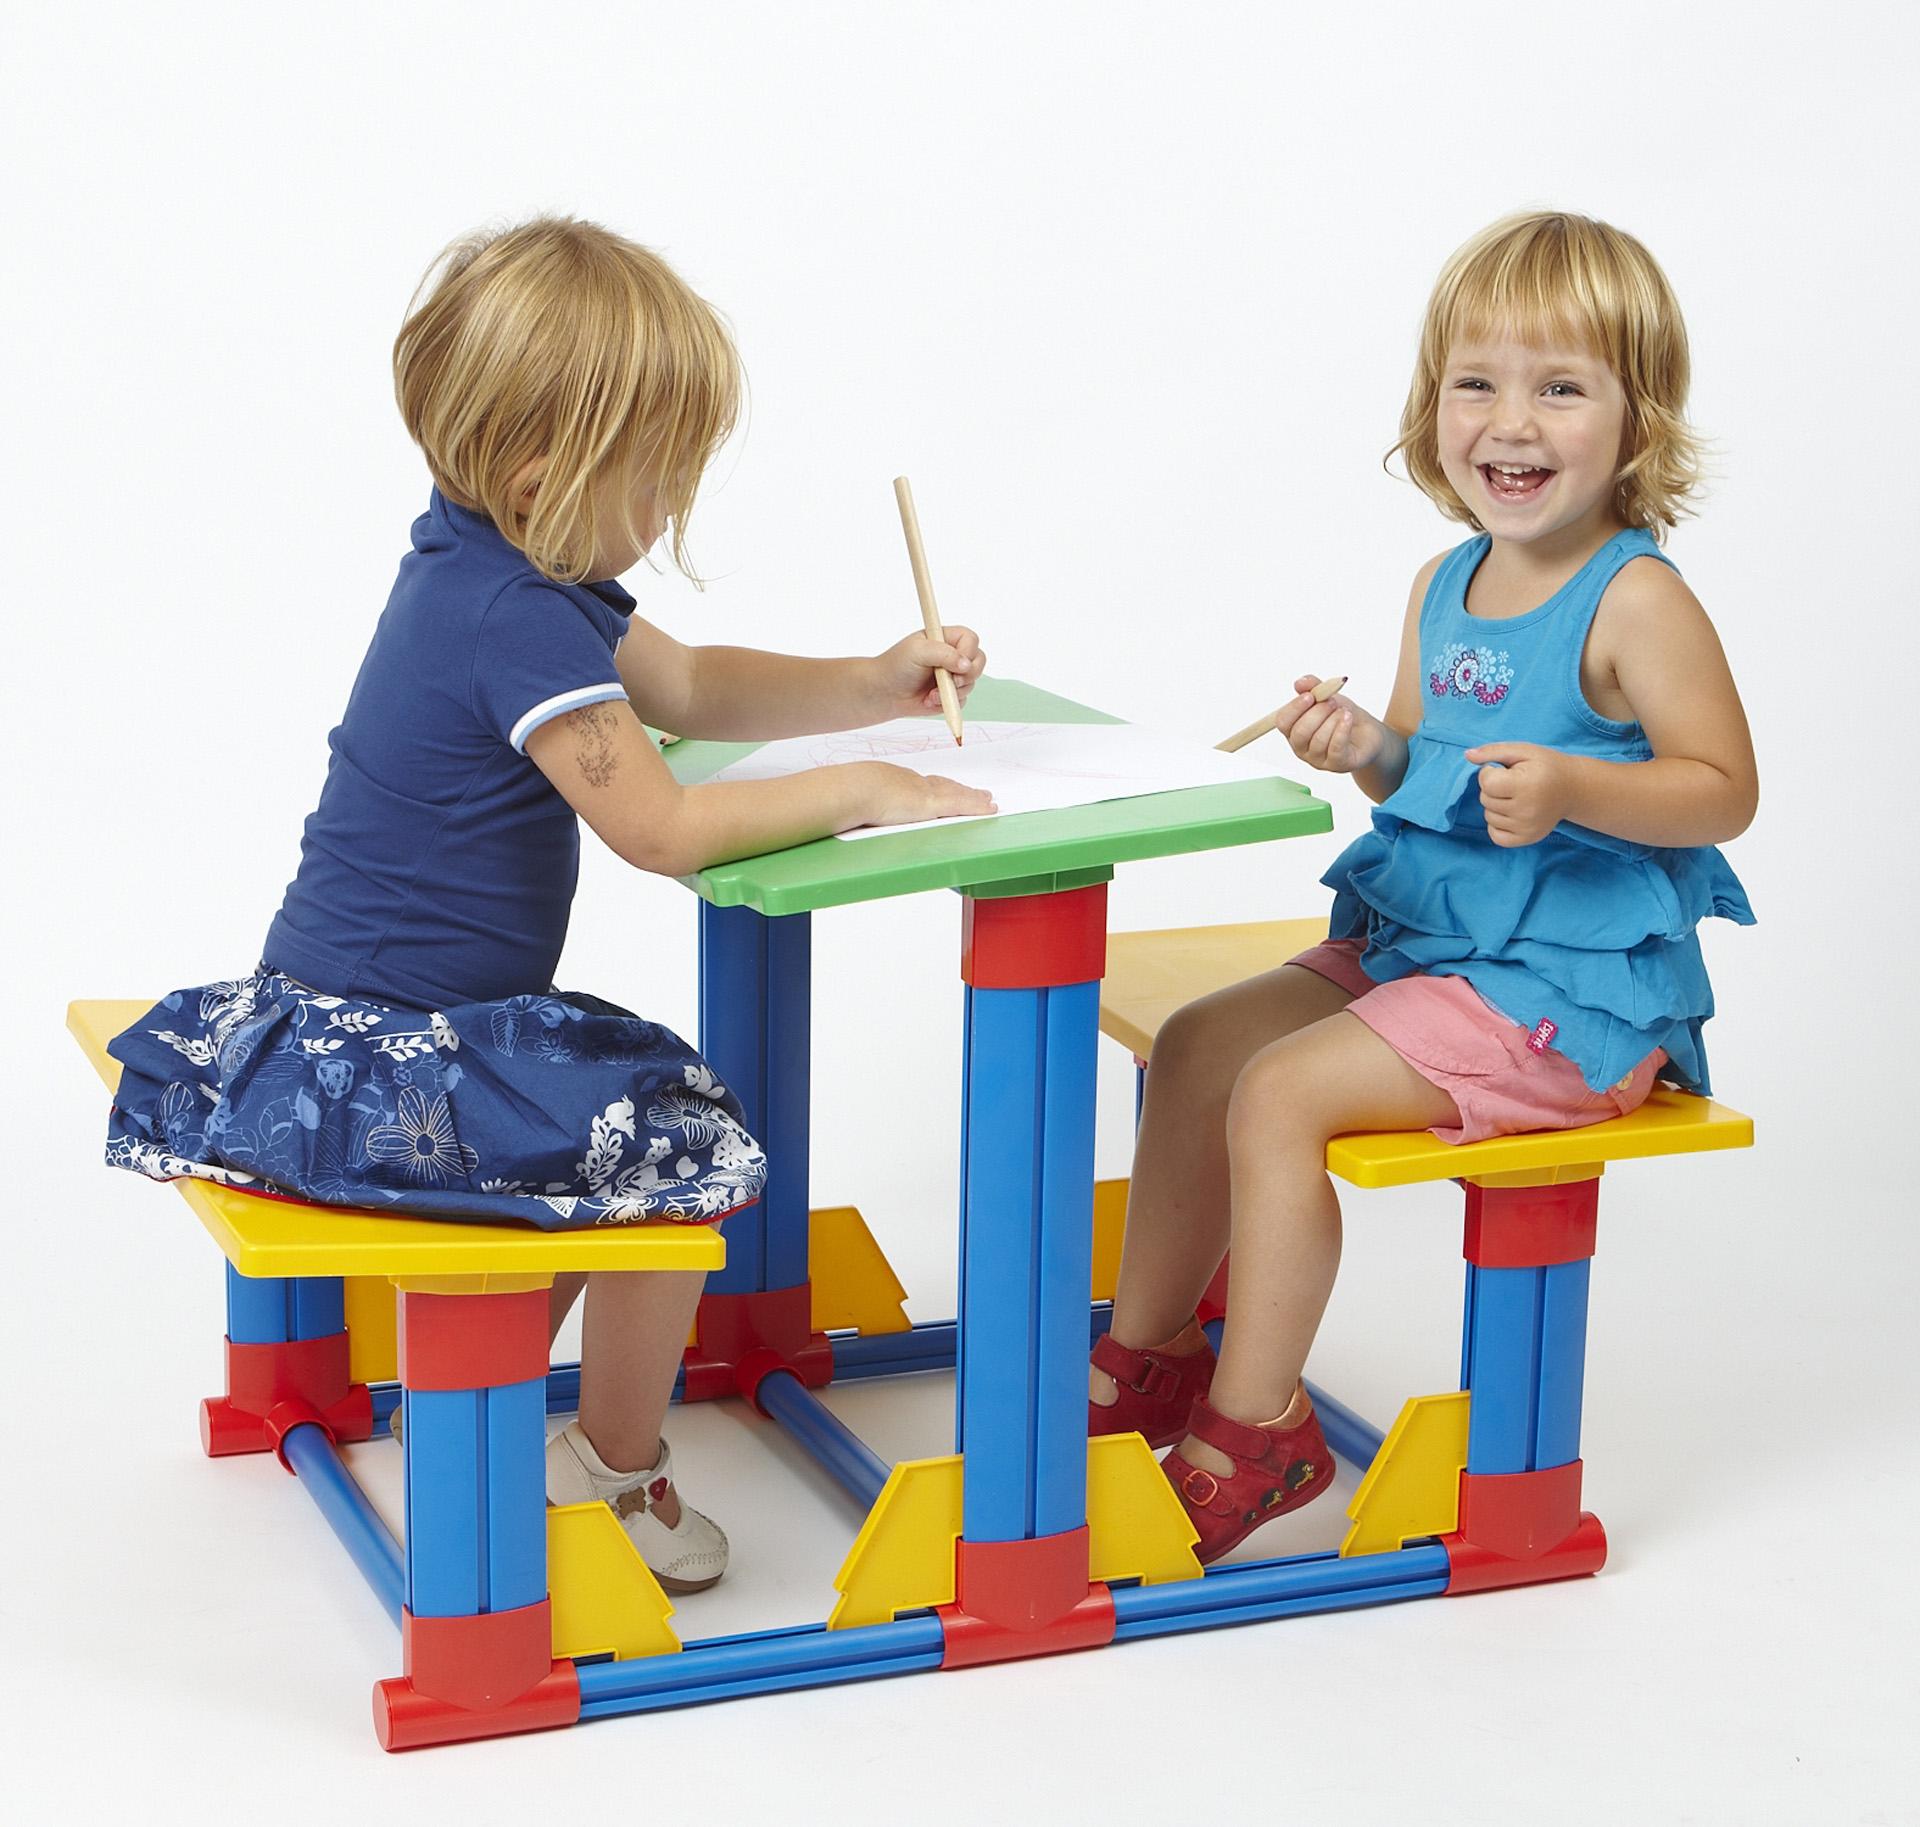 Bedrijfsreportage speelgoed